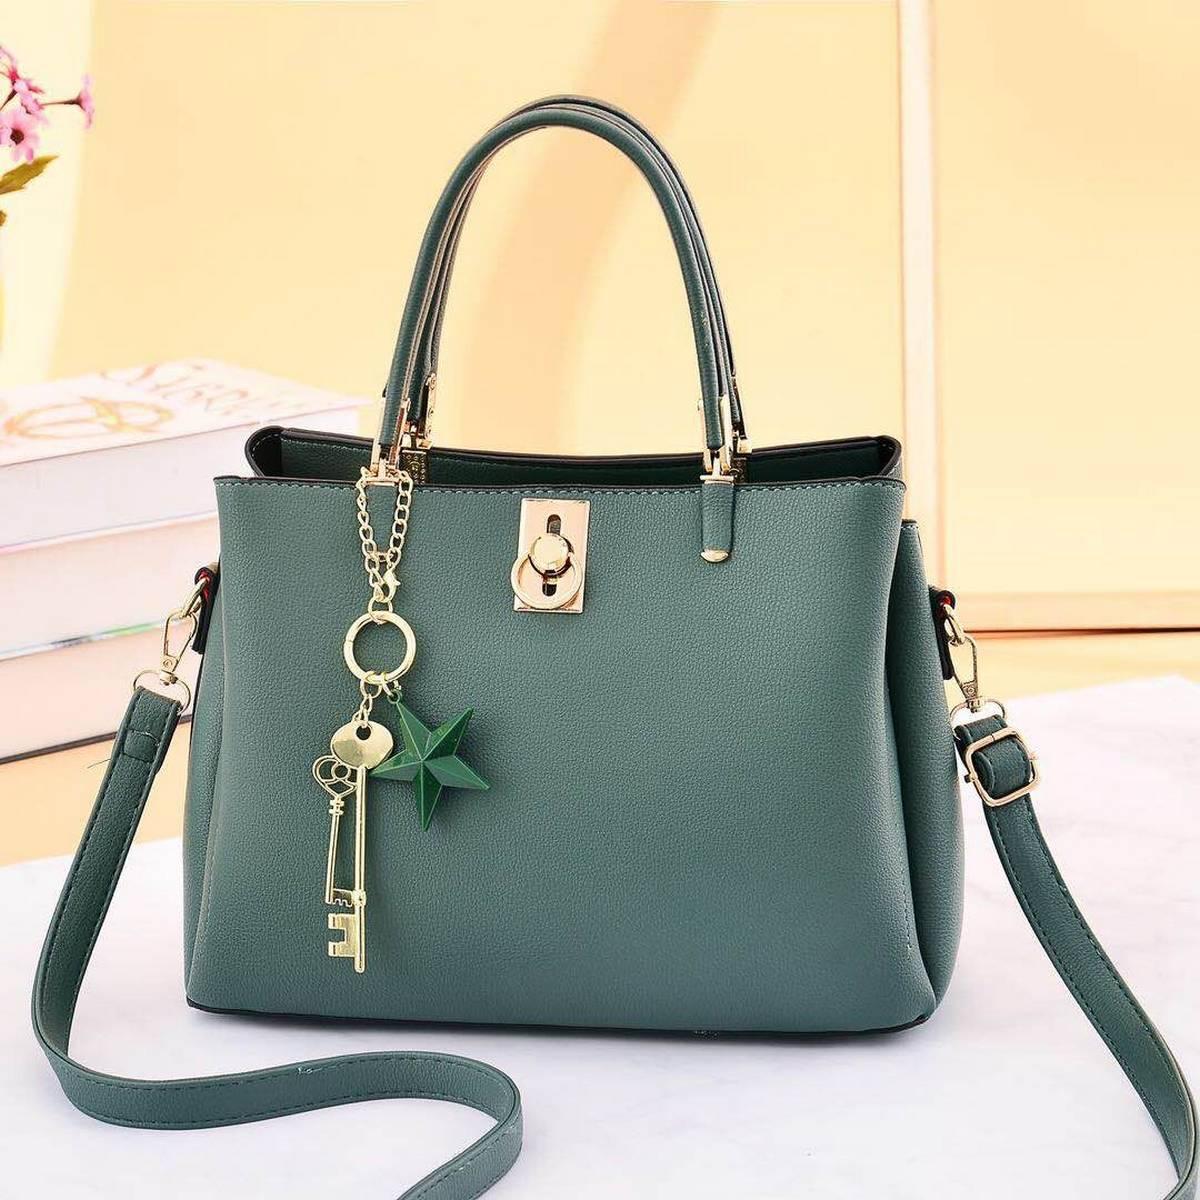 DFS Handbag for Women